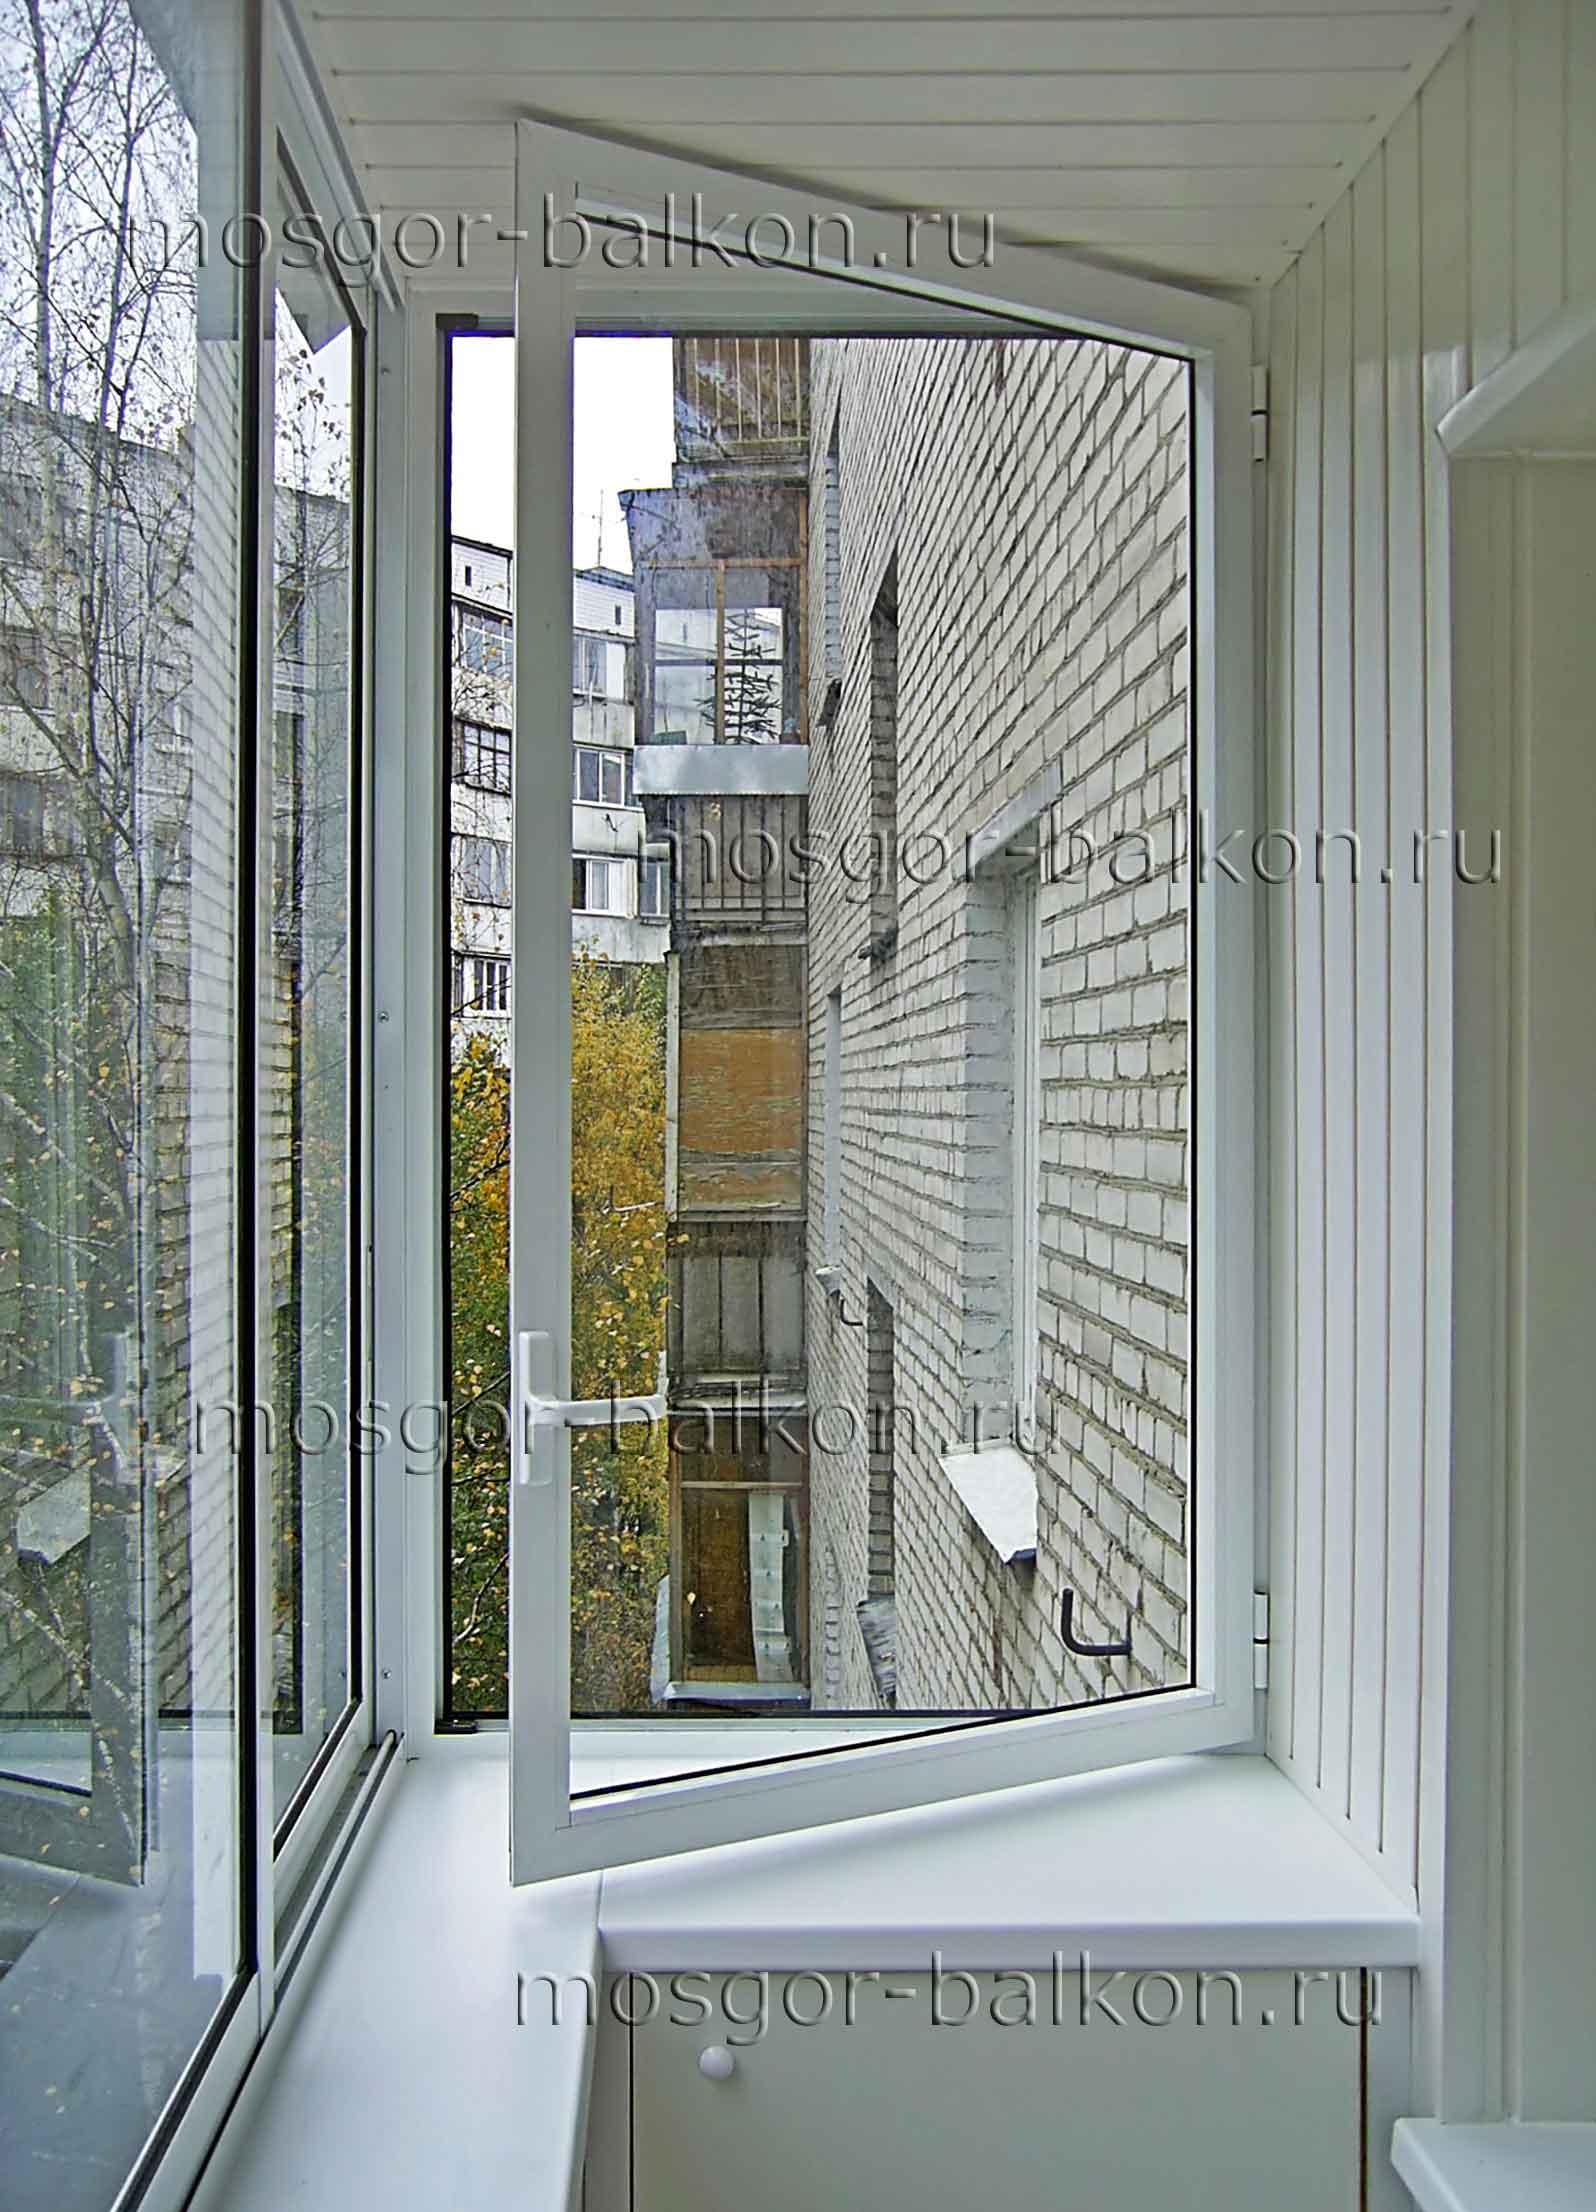 Распашные алюминиевые окна правильный монтаж пластиковых окон по госту видео